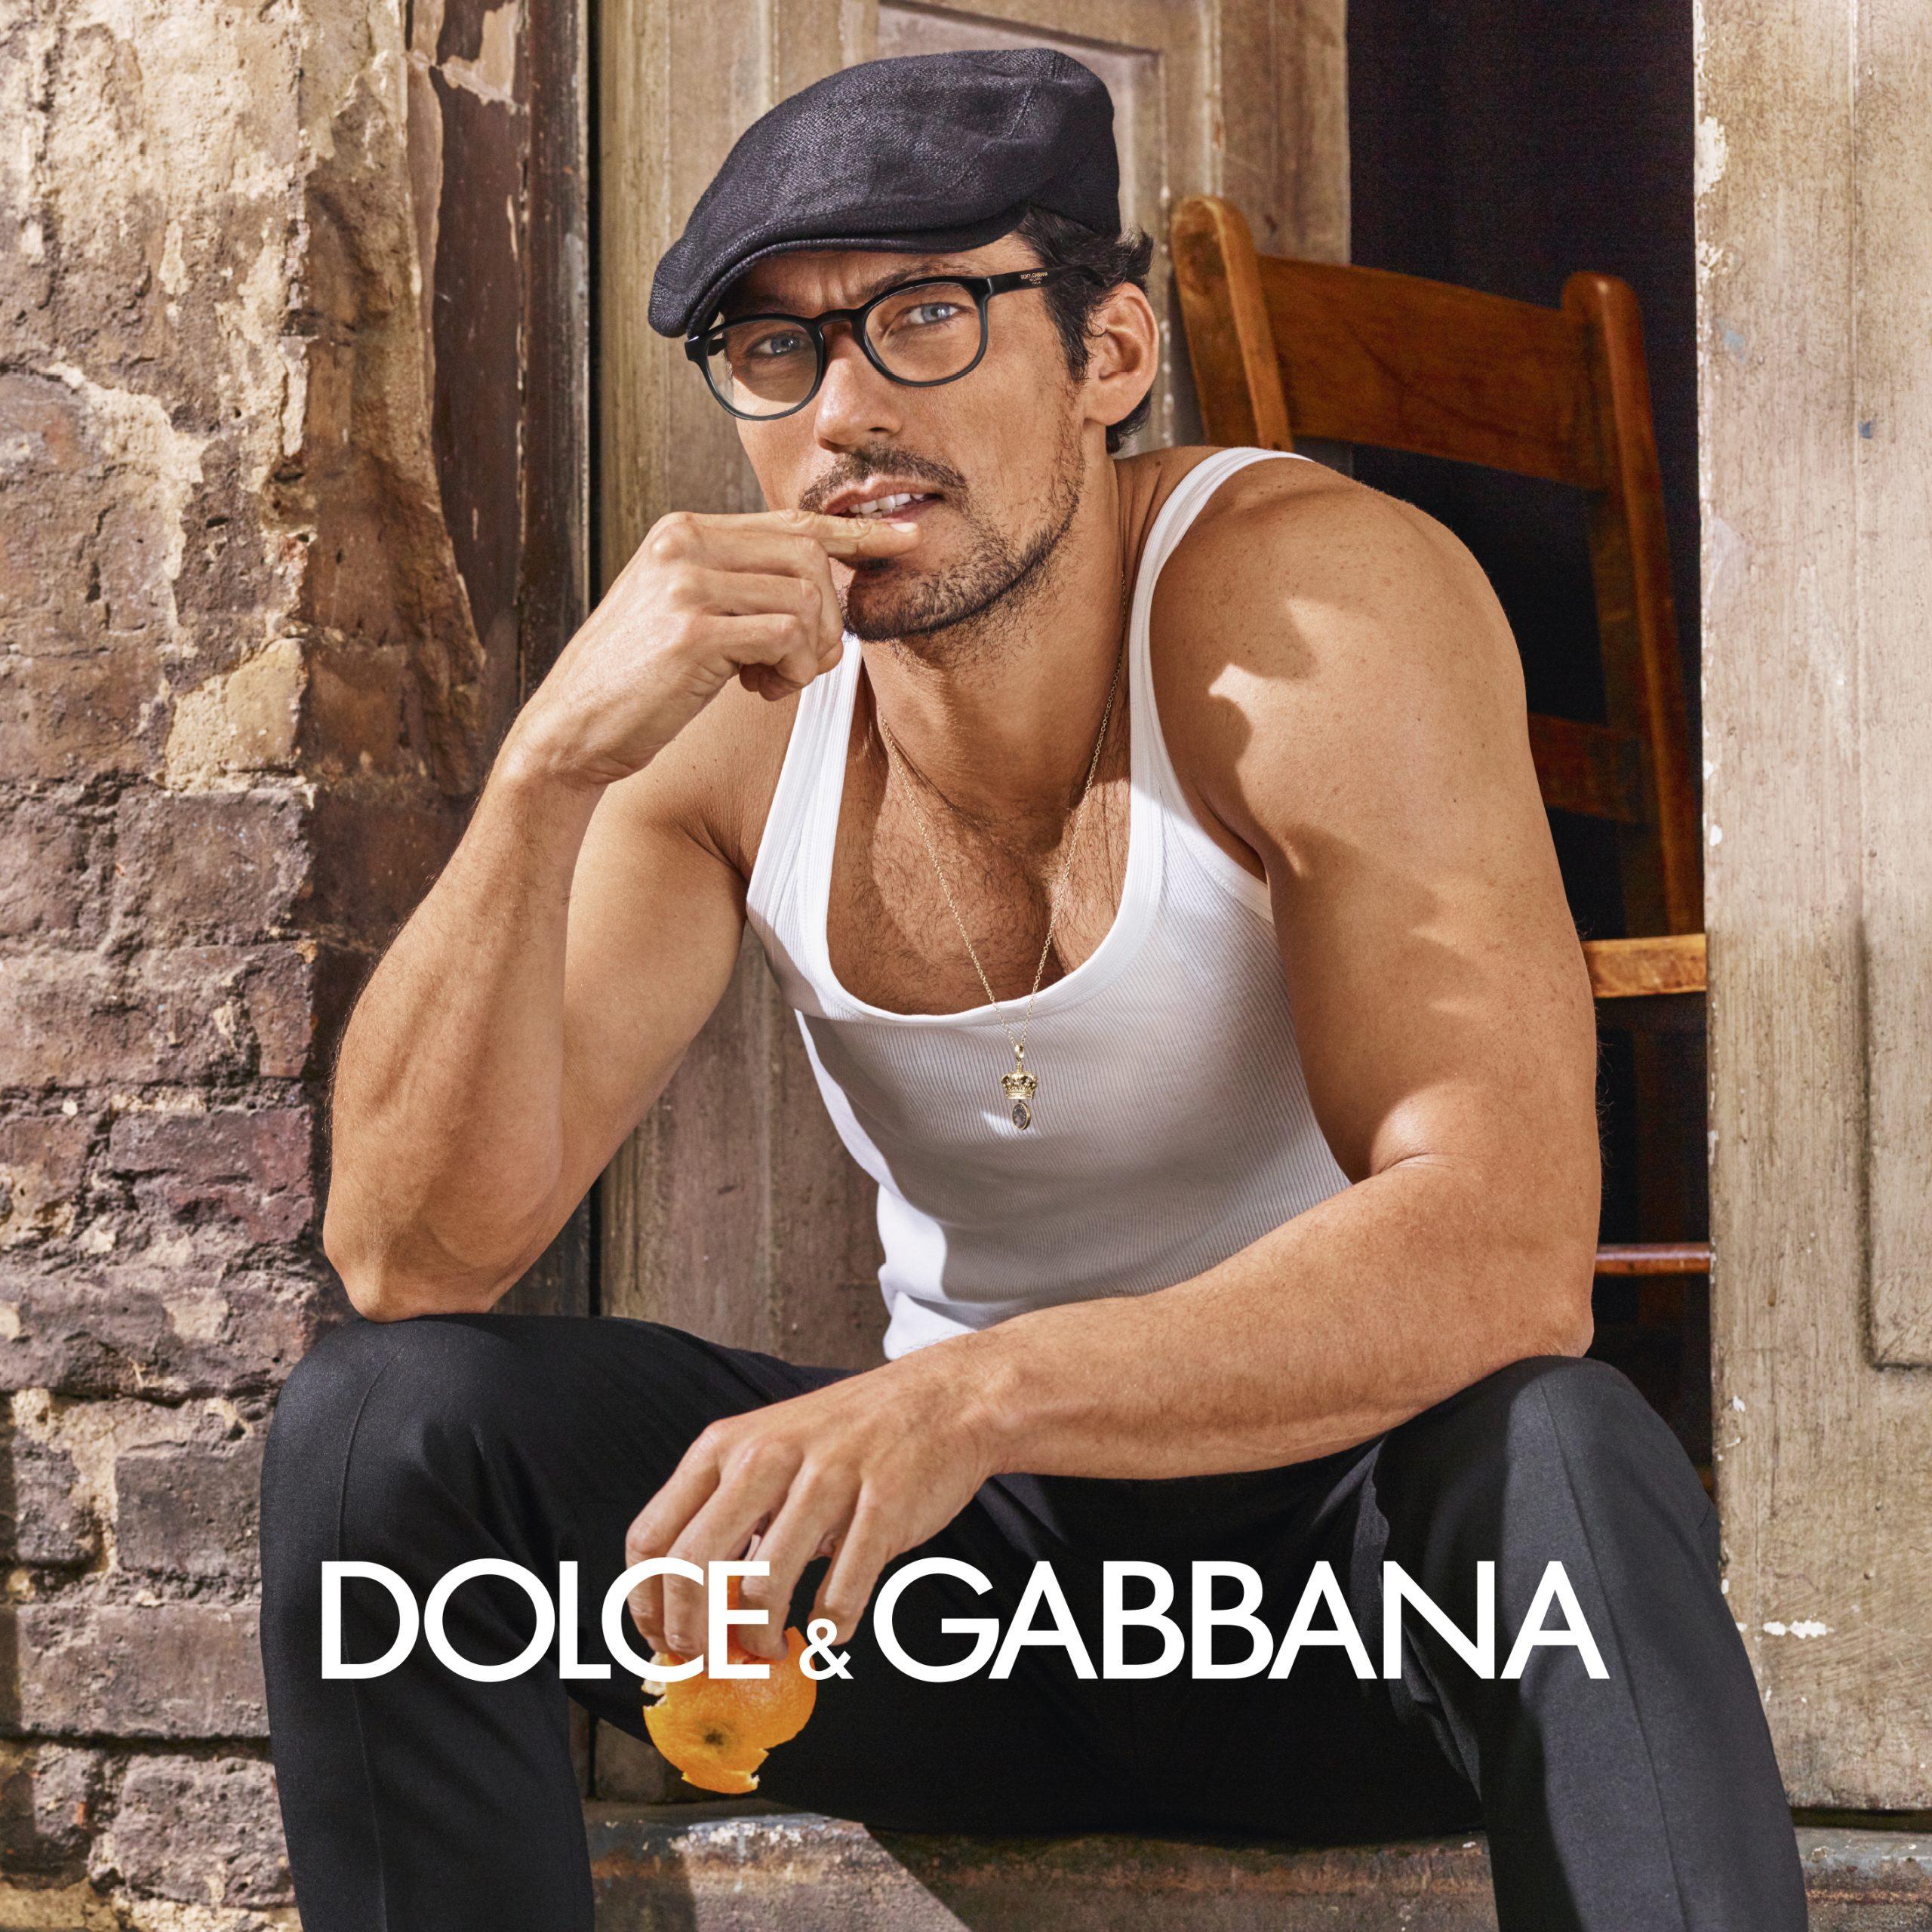 Dolce & Gabbana 5 - Ótica Pitosga